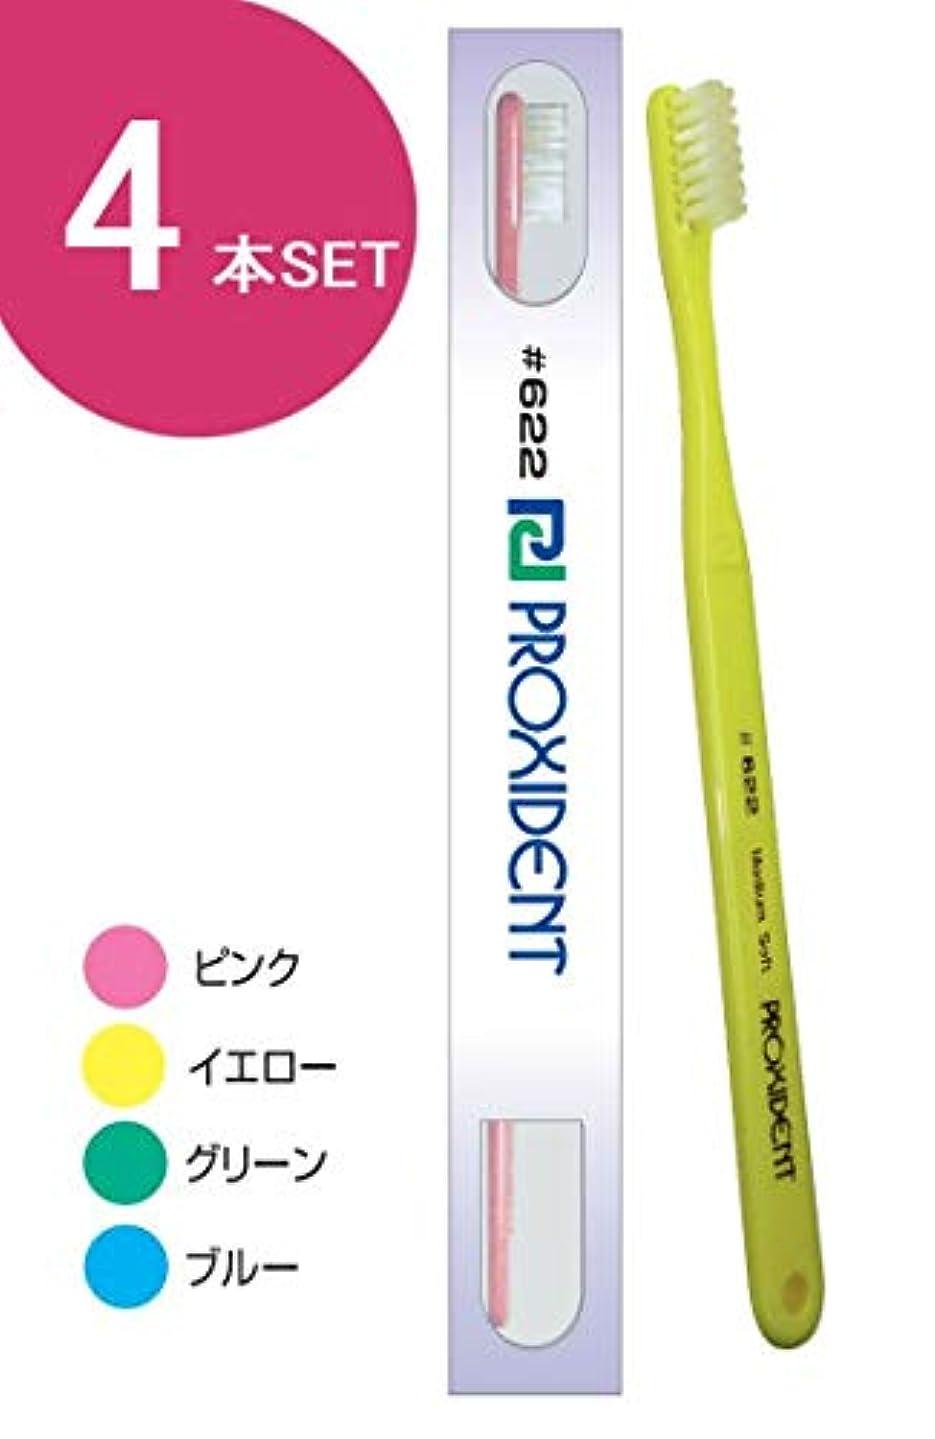 ほんの親カプラープローデント プロキシデント コンパクトヘッド MS(ミディアムソフト) 歯ブラシ #622 (4本)